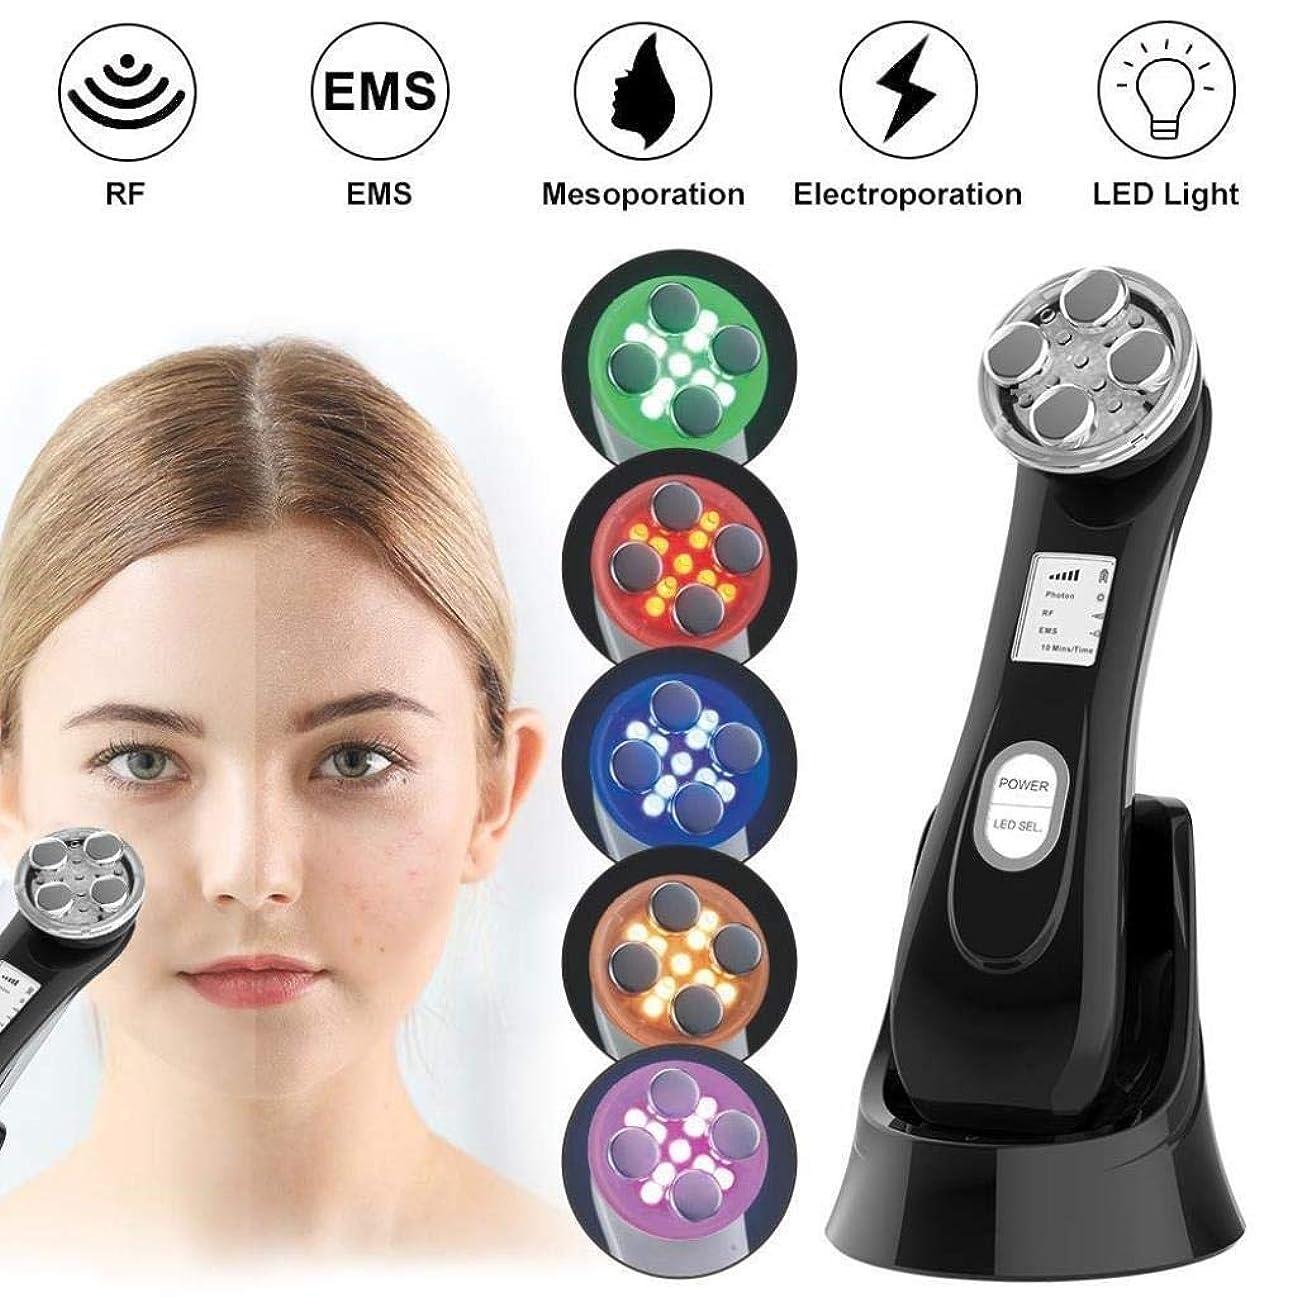 トラブル偶然特殊しわ除去機6に1 RF美容アンチエイジング反にきび顔の引き締めリフティング美容機高周波USB充電式EMS超音波LED顔の光子顔スキンケア